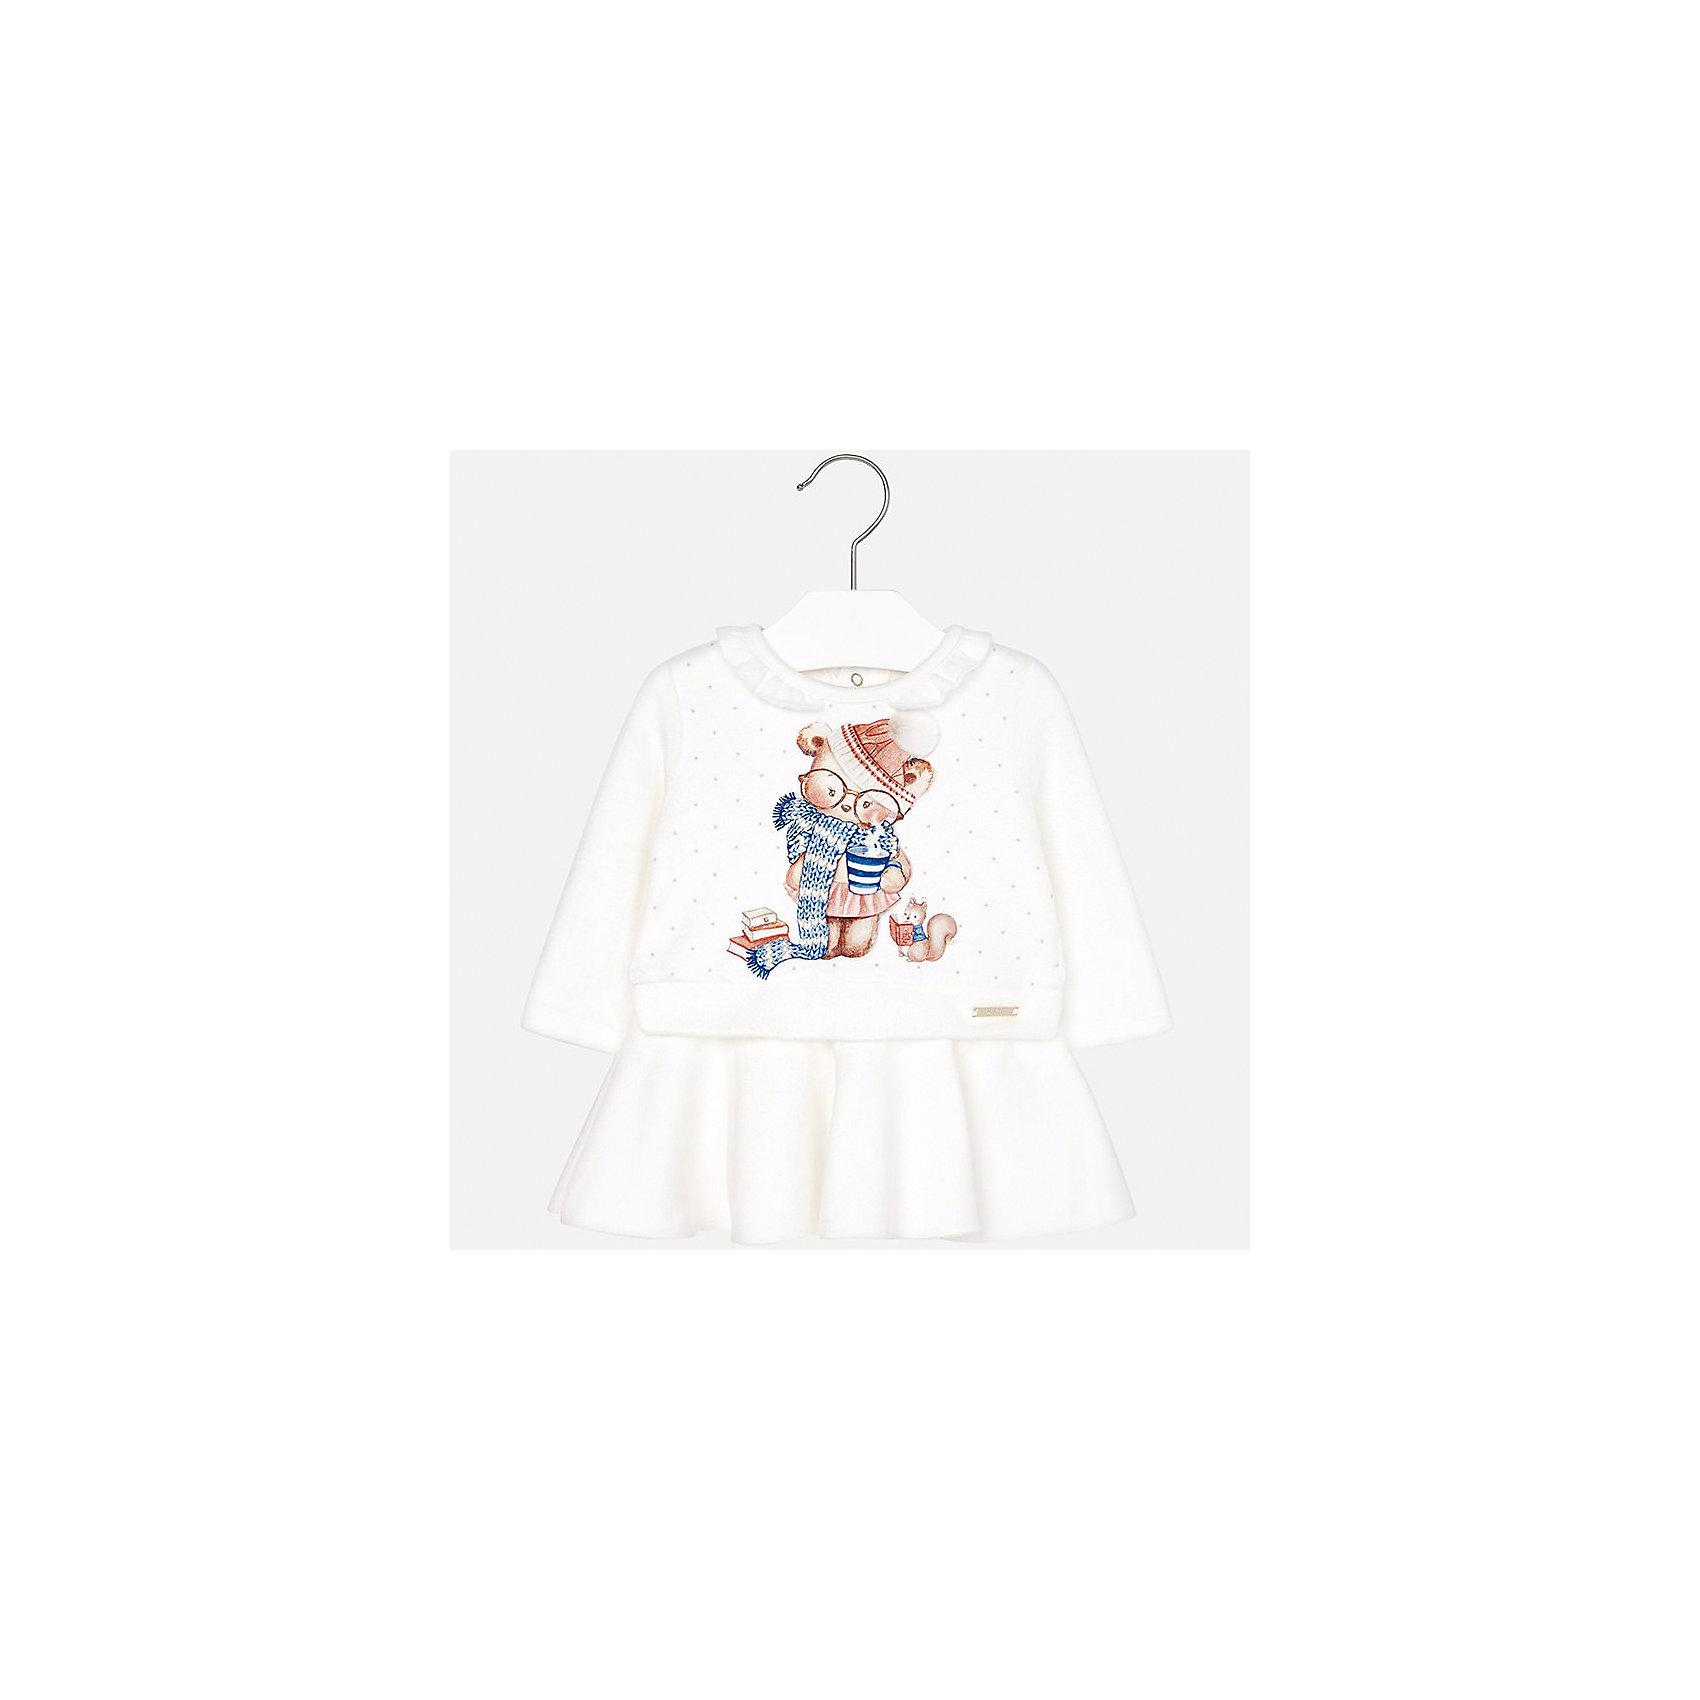 Платье Mayoral для девочкиПлатья<br>Характеристики товара:<br><br>• цвет: белый<br>• состав ткани: 65% полиэстер, 30% хлопок, 5% эластан<br>• сезон: демисезон<br>• особенности: аппликация<br>• застежка: кнопки<br>• короткие рукава<br>• страна бренда: Испания<br>• страна изготовитель: Индия<br><br>Симпатичное детское платье сделано из дышащего приятного на ощупь материала. Благодаря качественной ткани детского платья для девочки создаются комфортные условия для тела. Платье для девочки отличается стильным продуманным дизайном.<br><br>Платье для девочки Mayoral (Майорал) можно купить в нашем интернет-магазине.<br><br>Ширина мм: 236<br>Глубина мм: 16<br>Высота мм: 184<br>Вес г: 177<br>Цвет: бежевый<br>Возраст от месяцев: 24<br>Возраст до месяцев: 36<br>Пол: Женский<br>Возраст: Детский<br>Размер: 98,74,80,86,92<br>SKU: 6920771